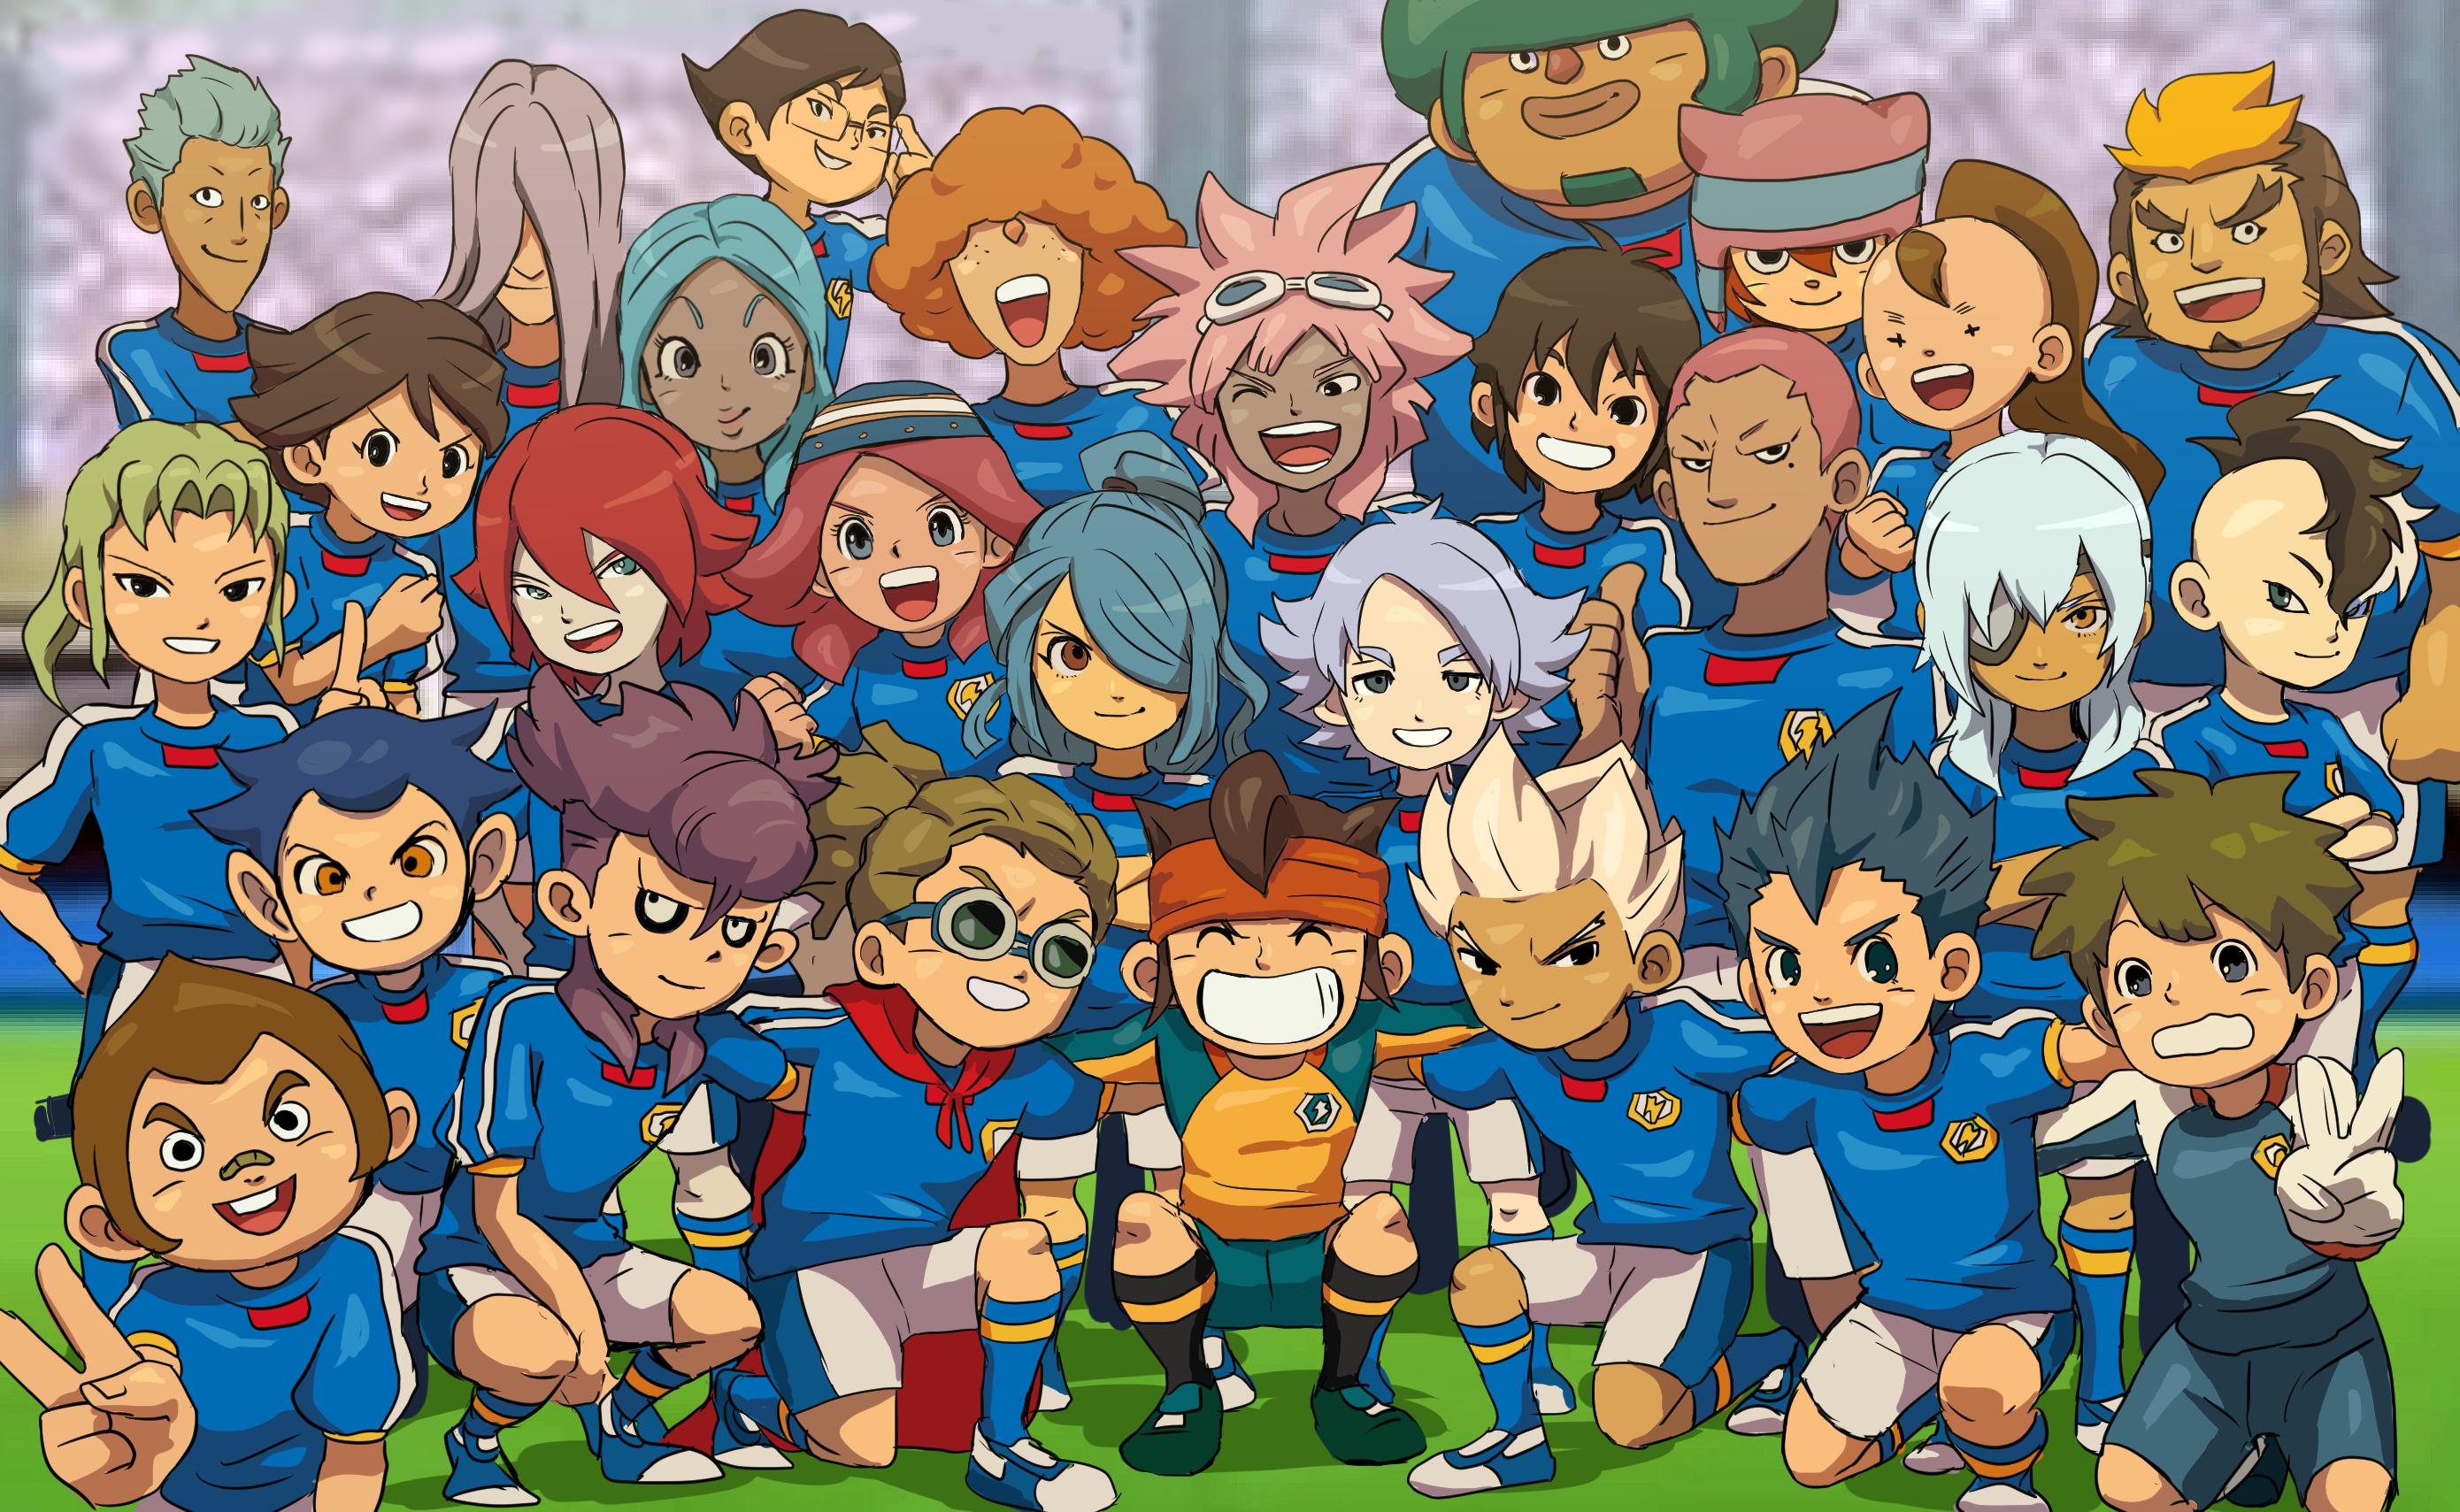 อนิเมะ นักเตะแข้งสายฟ้า (Inazuma Eleven) Season 1 @ดู